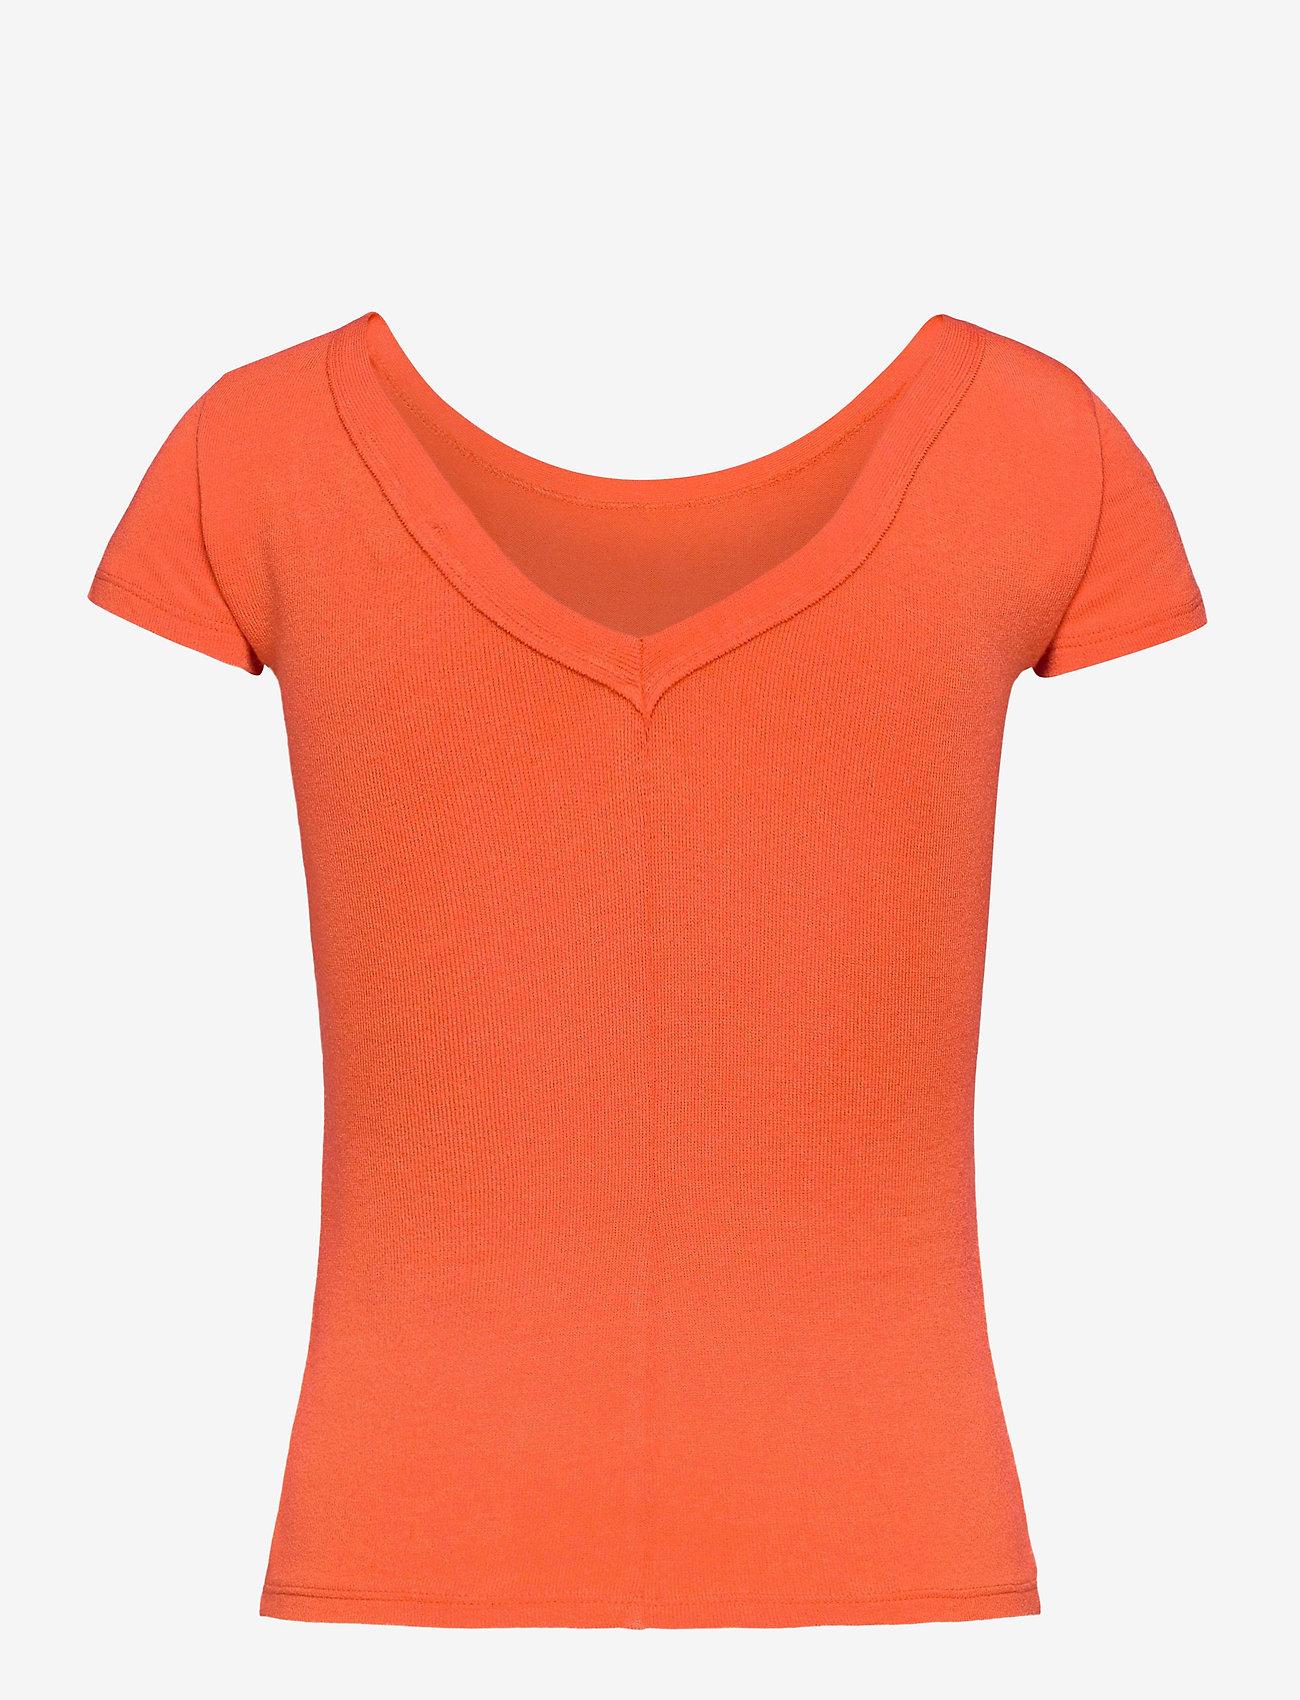 Max&Co. - DANZANTE - t-shirts - orange - 1